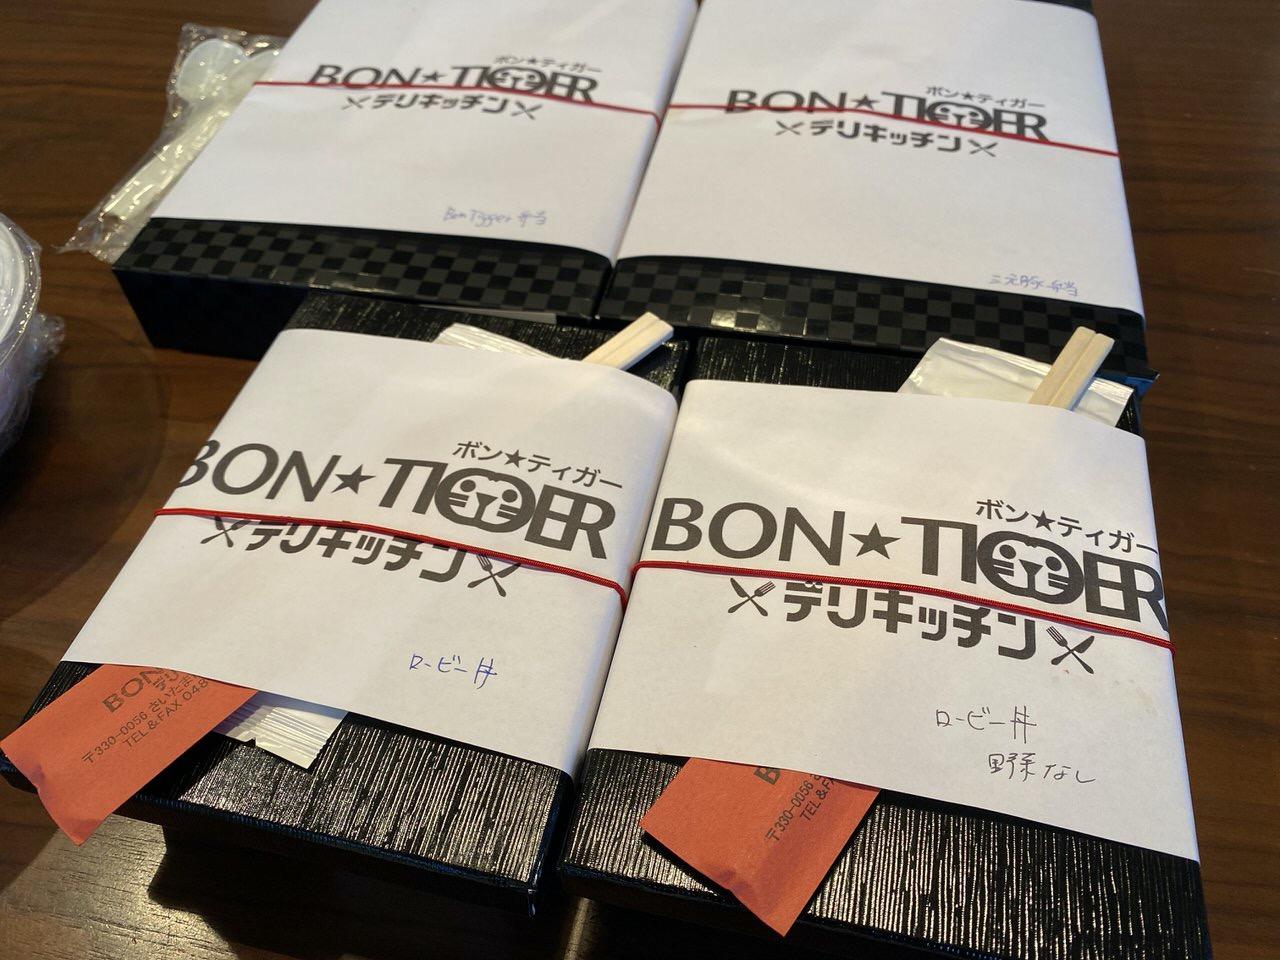 【テイクアウト】「ボンティガー」弁当 3